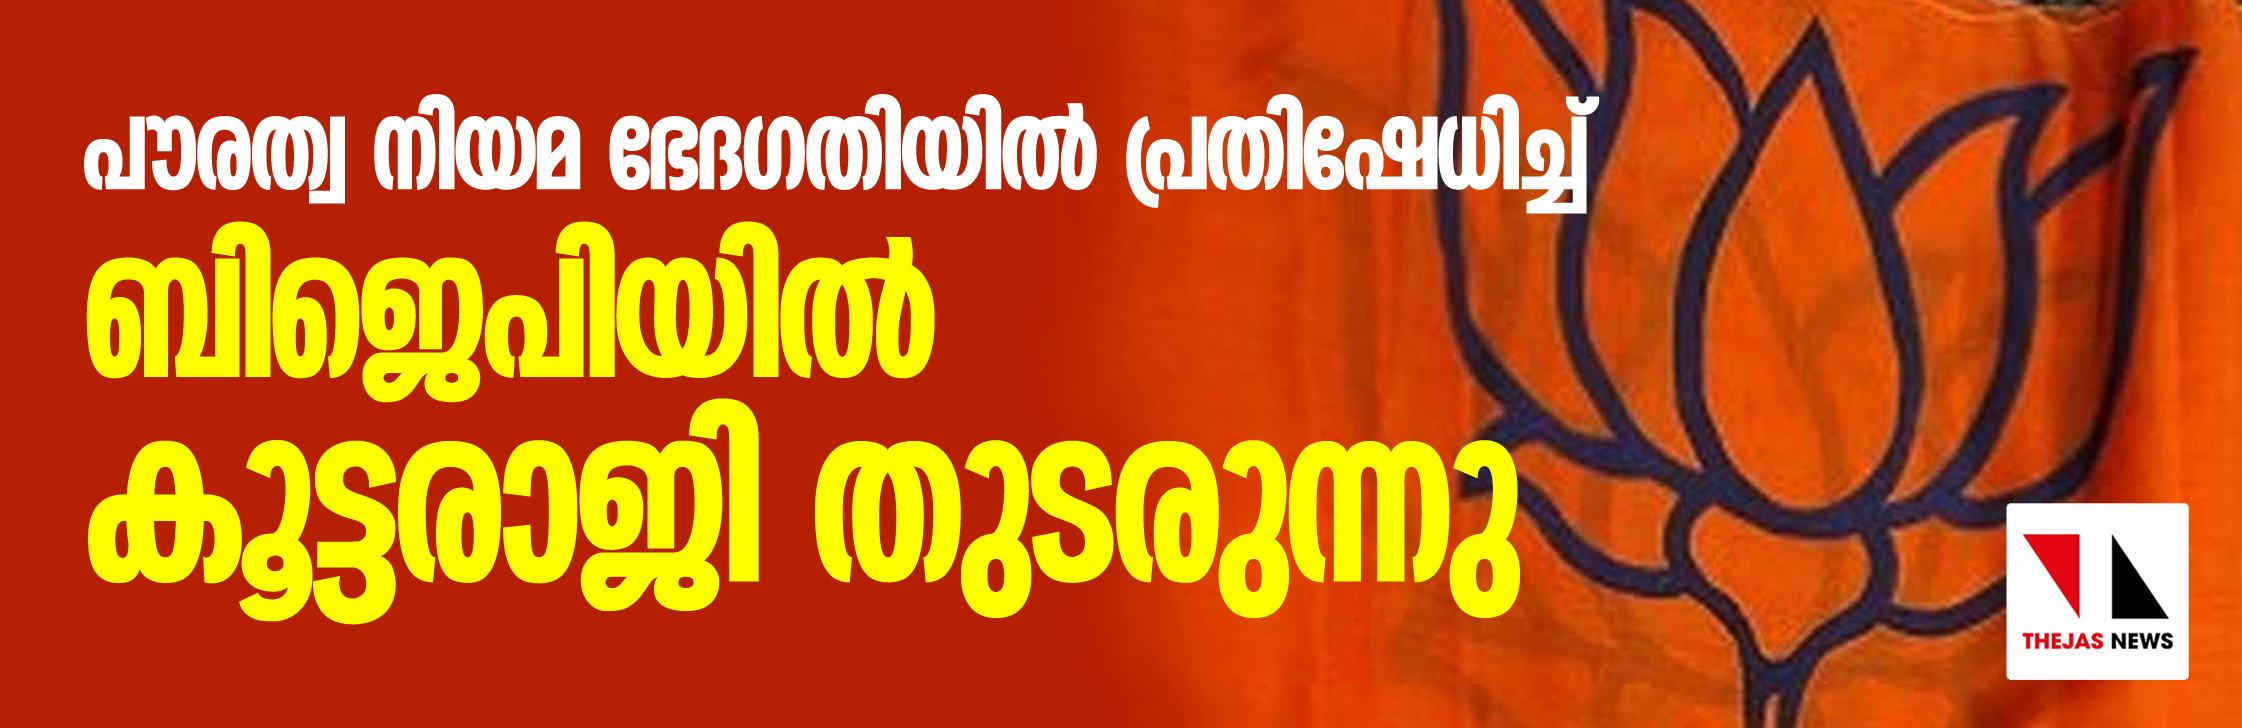 പൗരത്വ  നിയമ ഭേദഗതിയില് പ്രതിഷേധിച്ച് ബിജെപിയില് കൂട്ടരാജി തുടരുന്നു